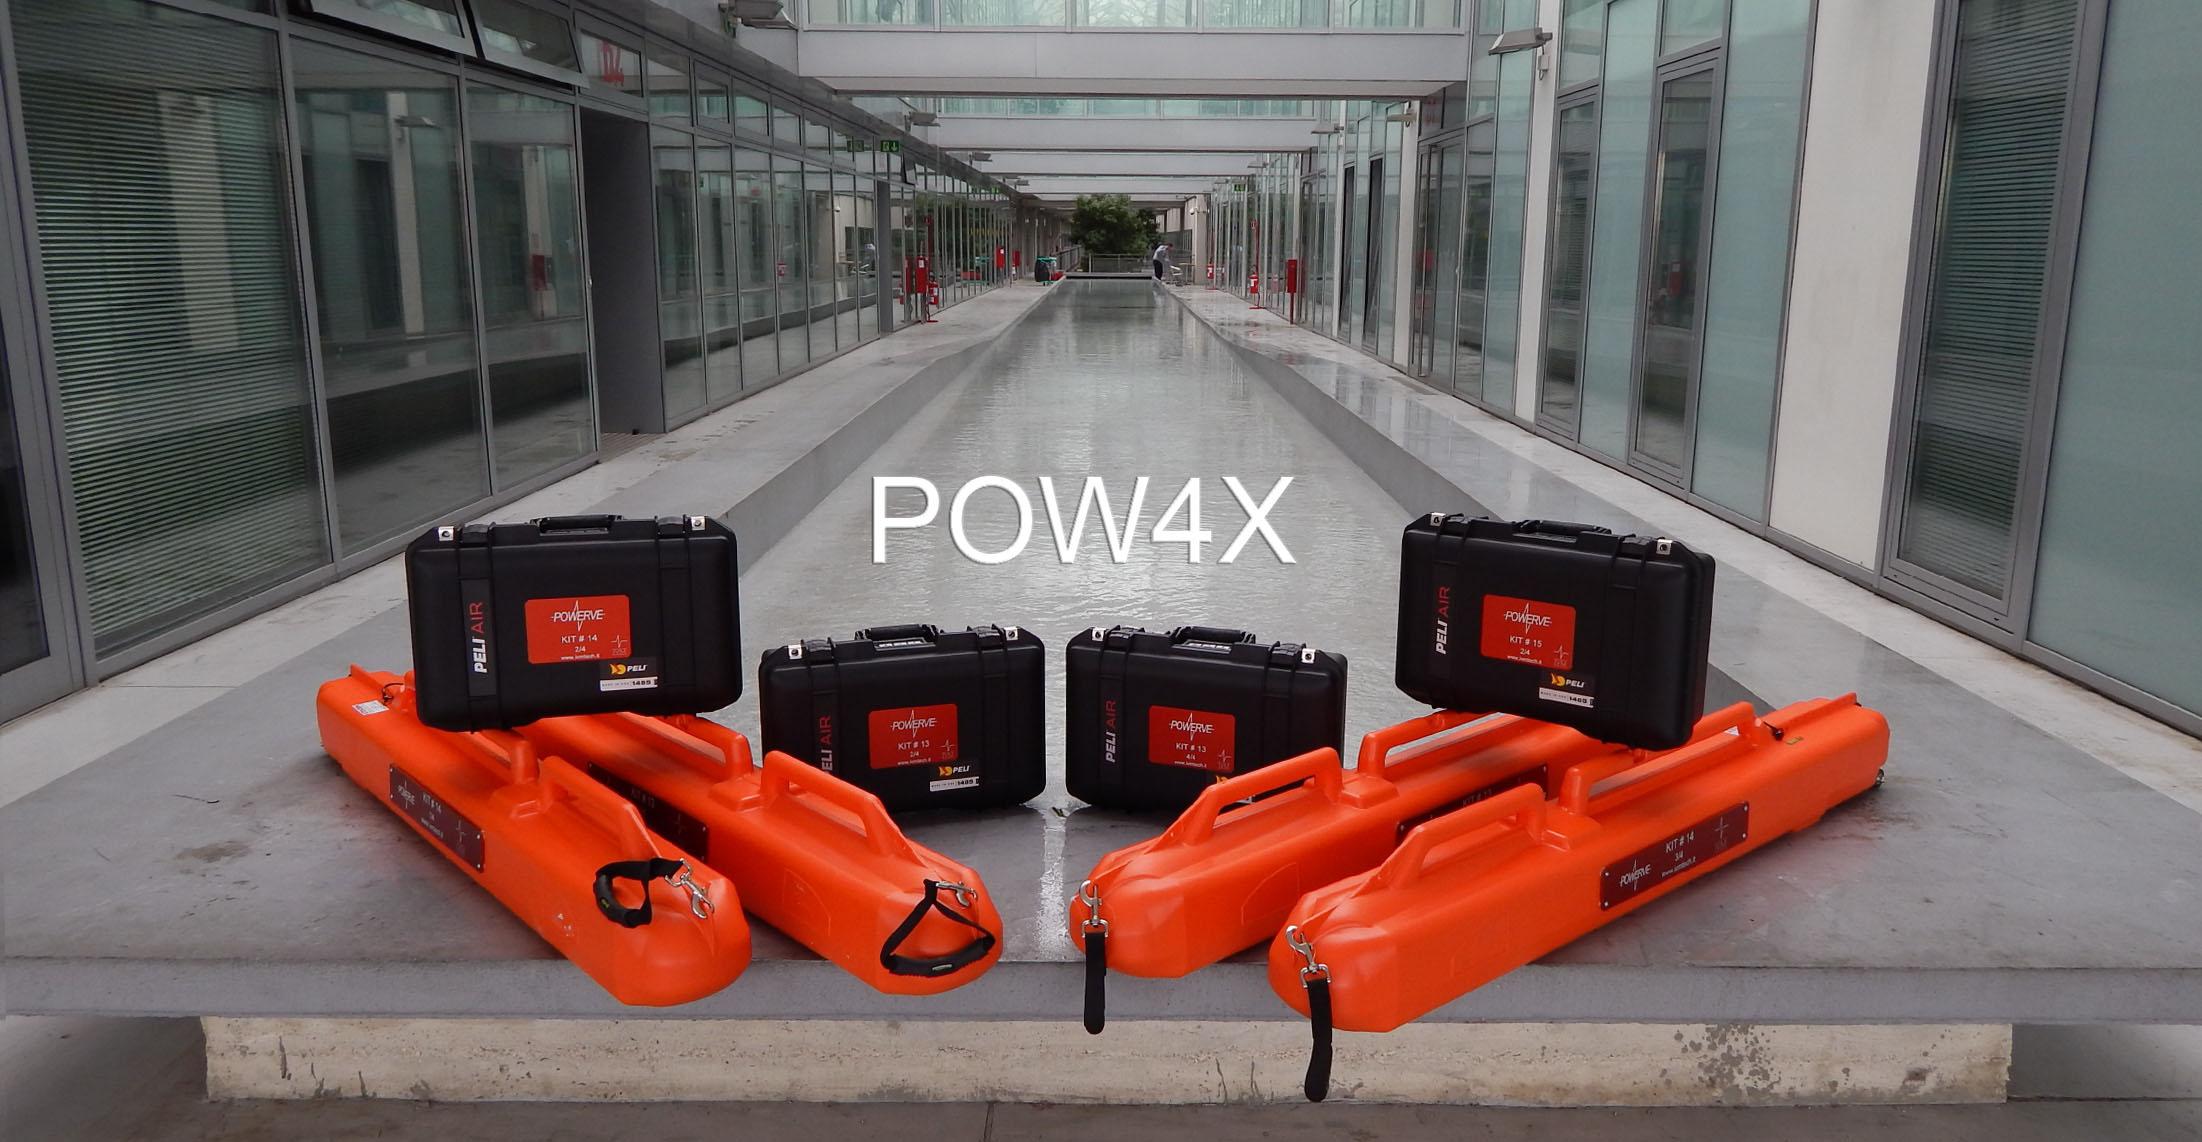 POW4X